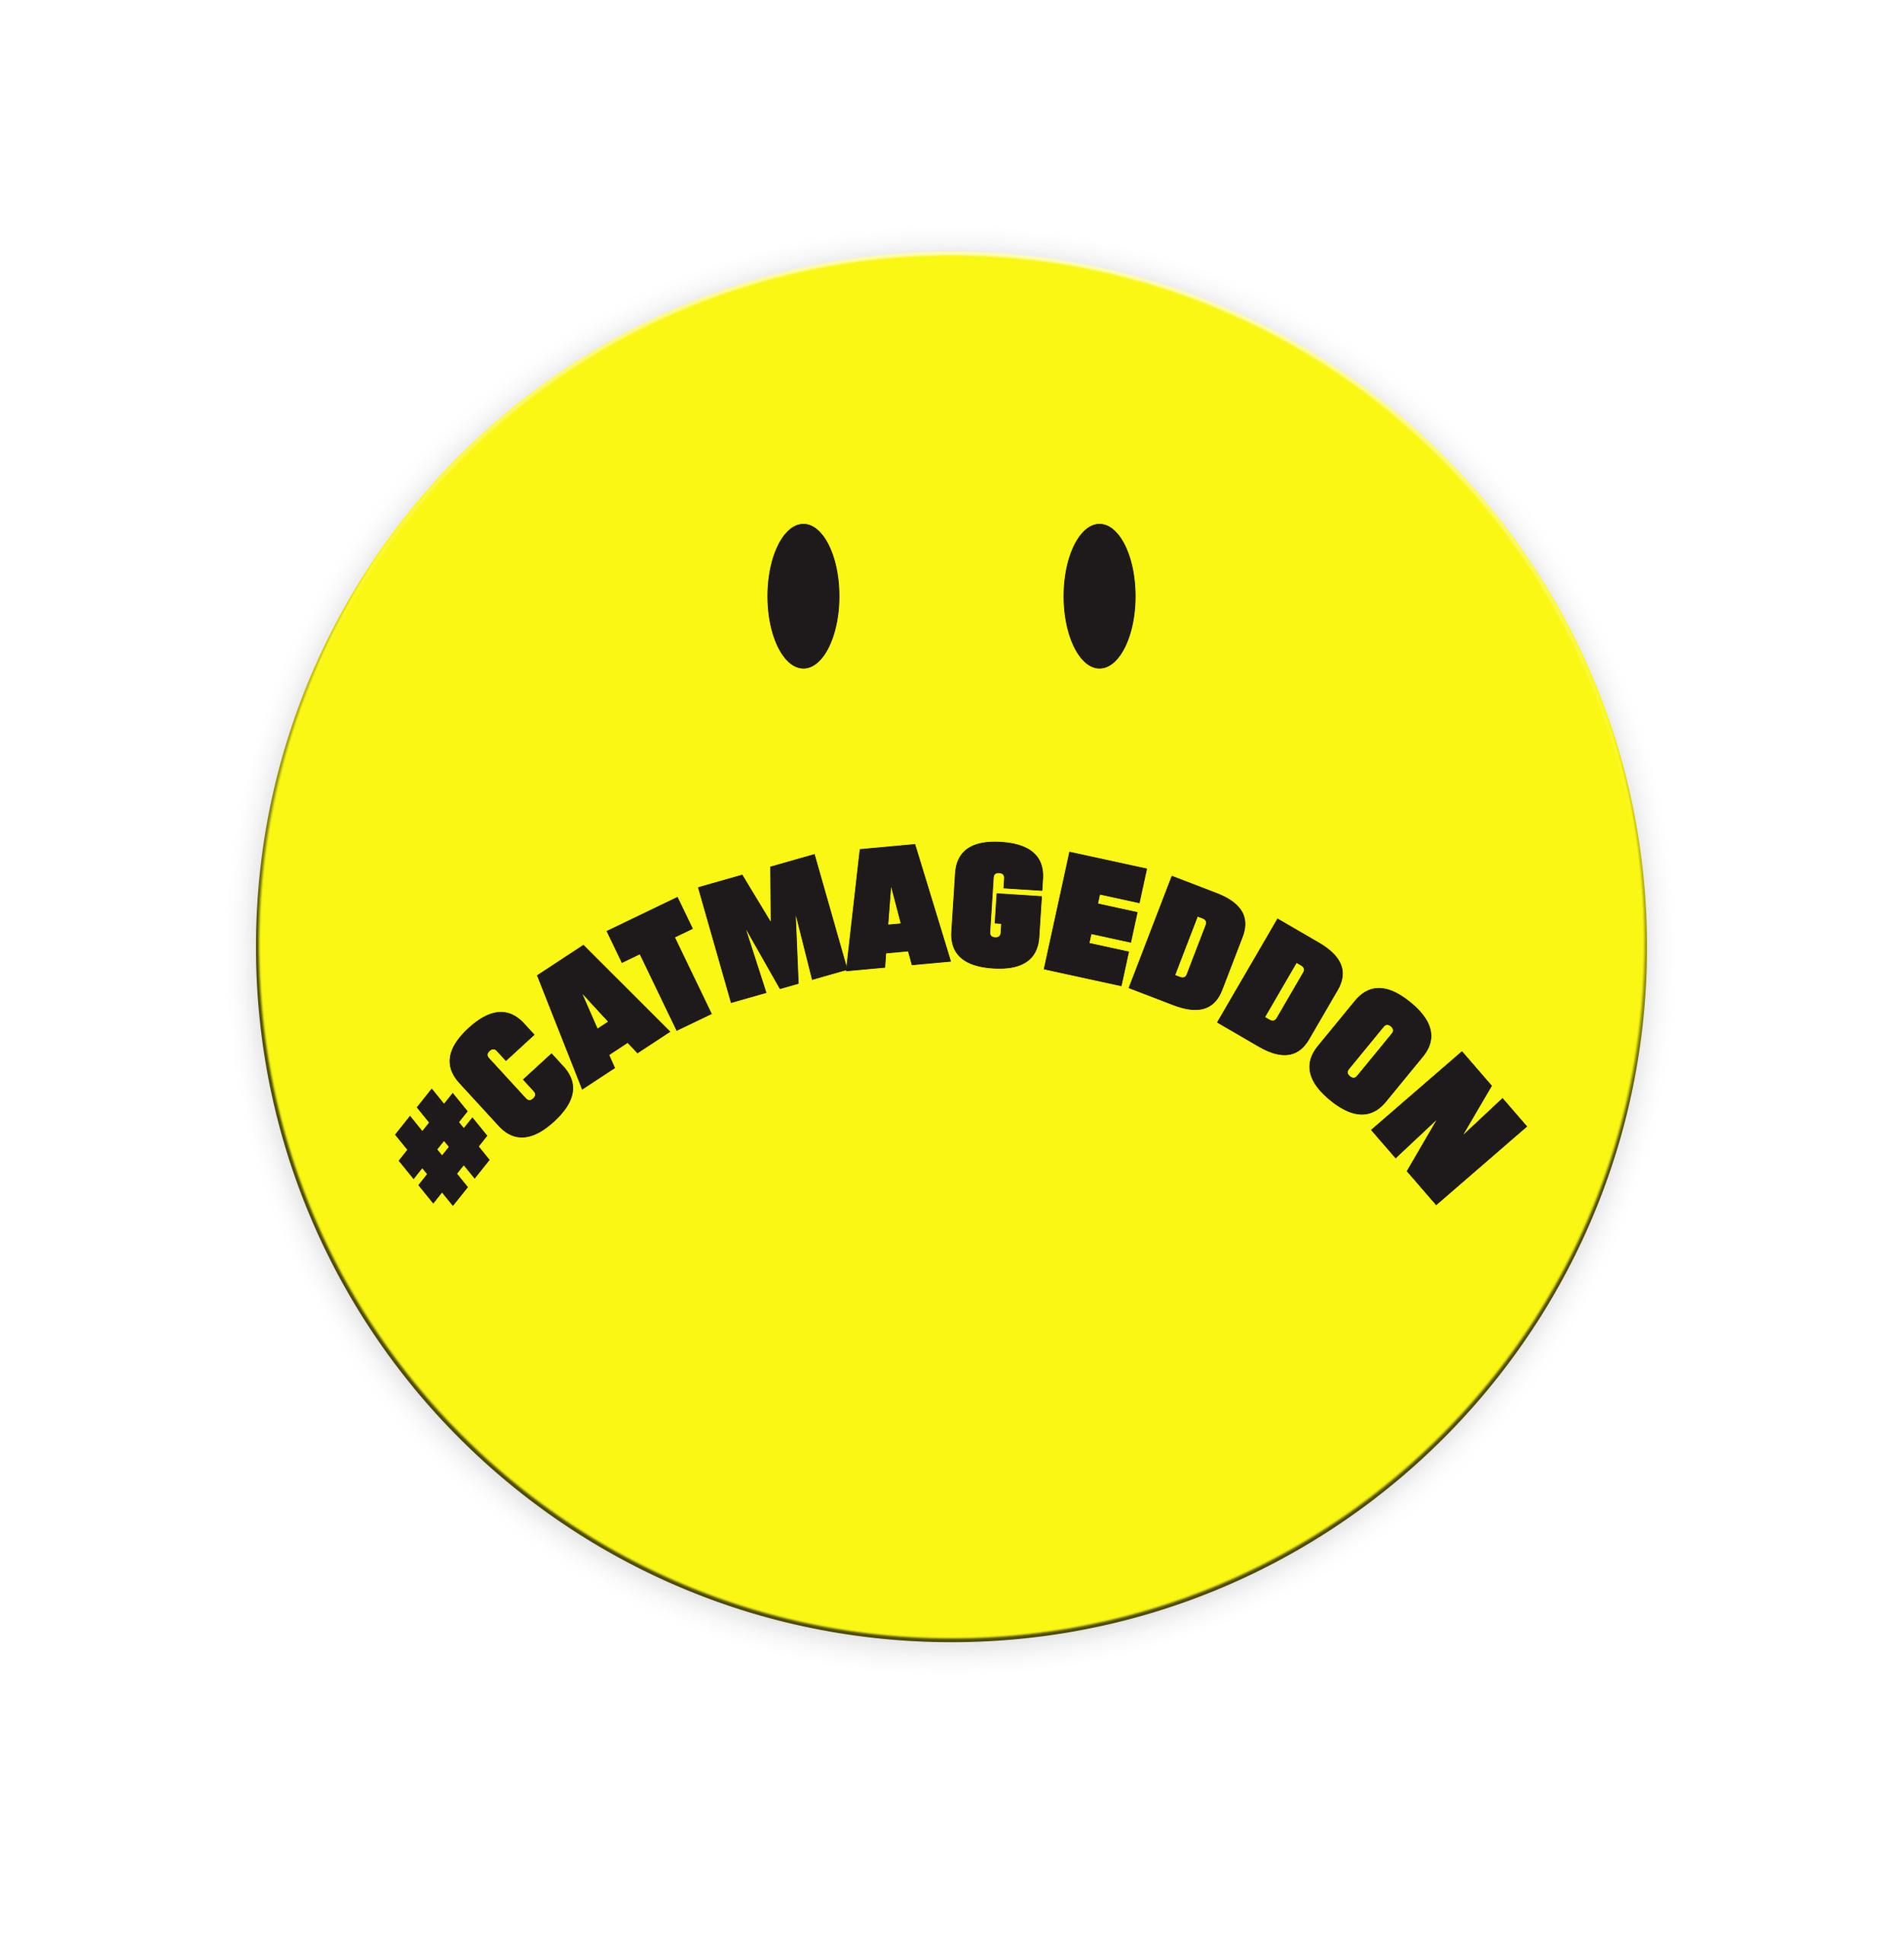 unhappyface sticker.jpg